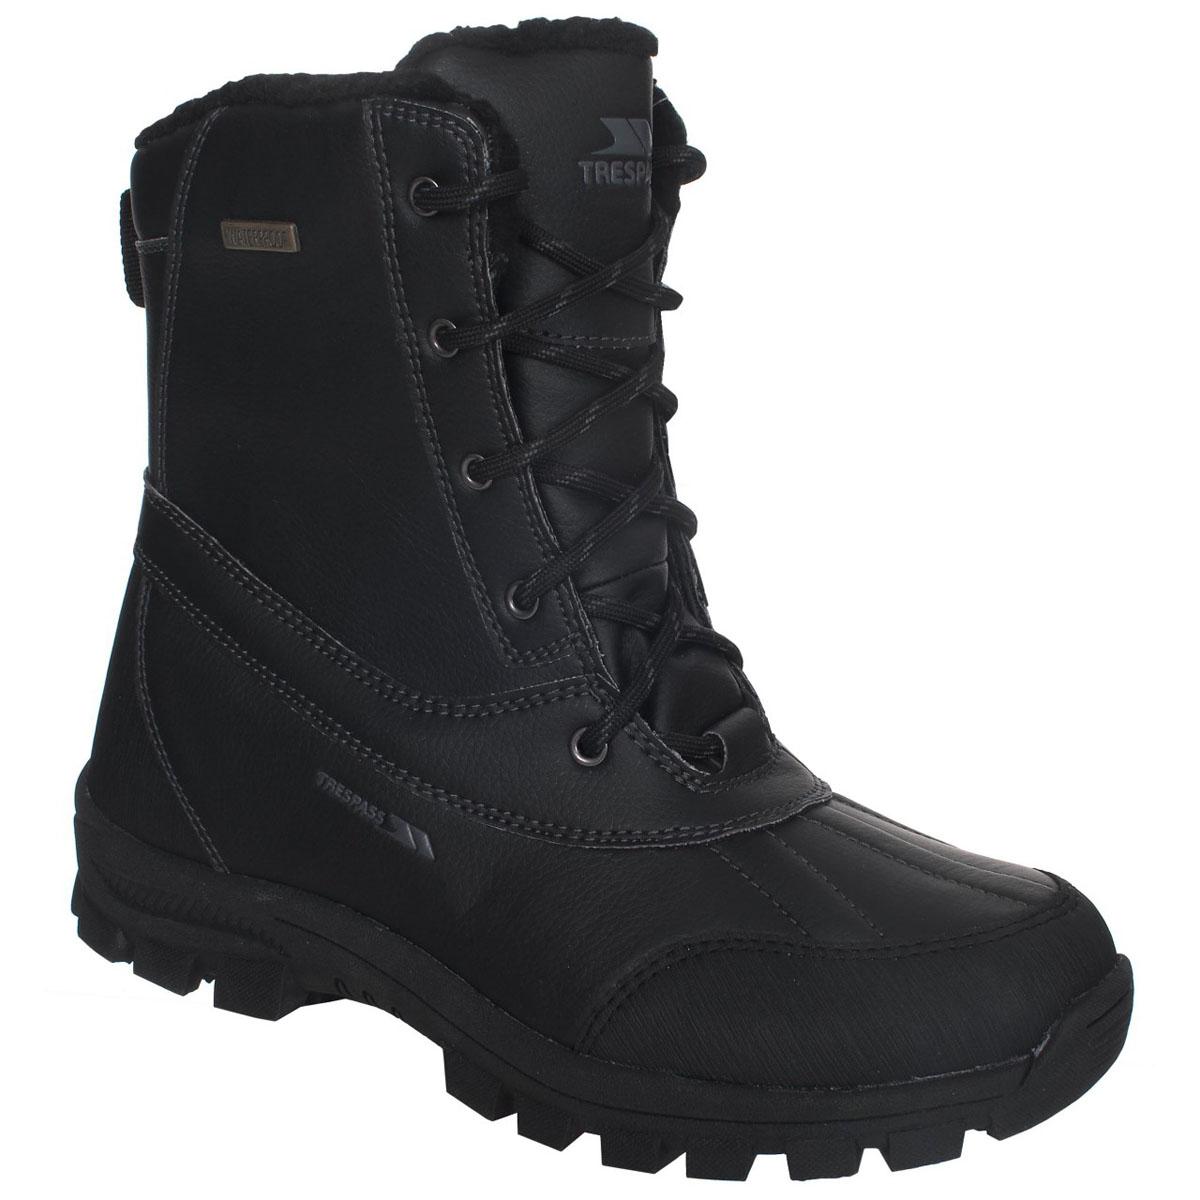 Ботинки трекинговые мужские Trespass Hikten, цвет: черный. MAFOBOJ20001. Размер 43MAFOBOJ20001Современные трекинговые ботинки Hikten от Trespass выполнены из водонепроницаемого полиуретана. Подкладка из флиса и стелька из текстиля не дадут ногам замерзнуть. Шнуровка надежно зафиксирует модель на ноге. Подошва дополнена рифлением. Ботинки прекрасно подойдут для пеших походов по пересеченной местности.